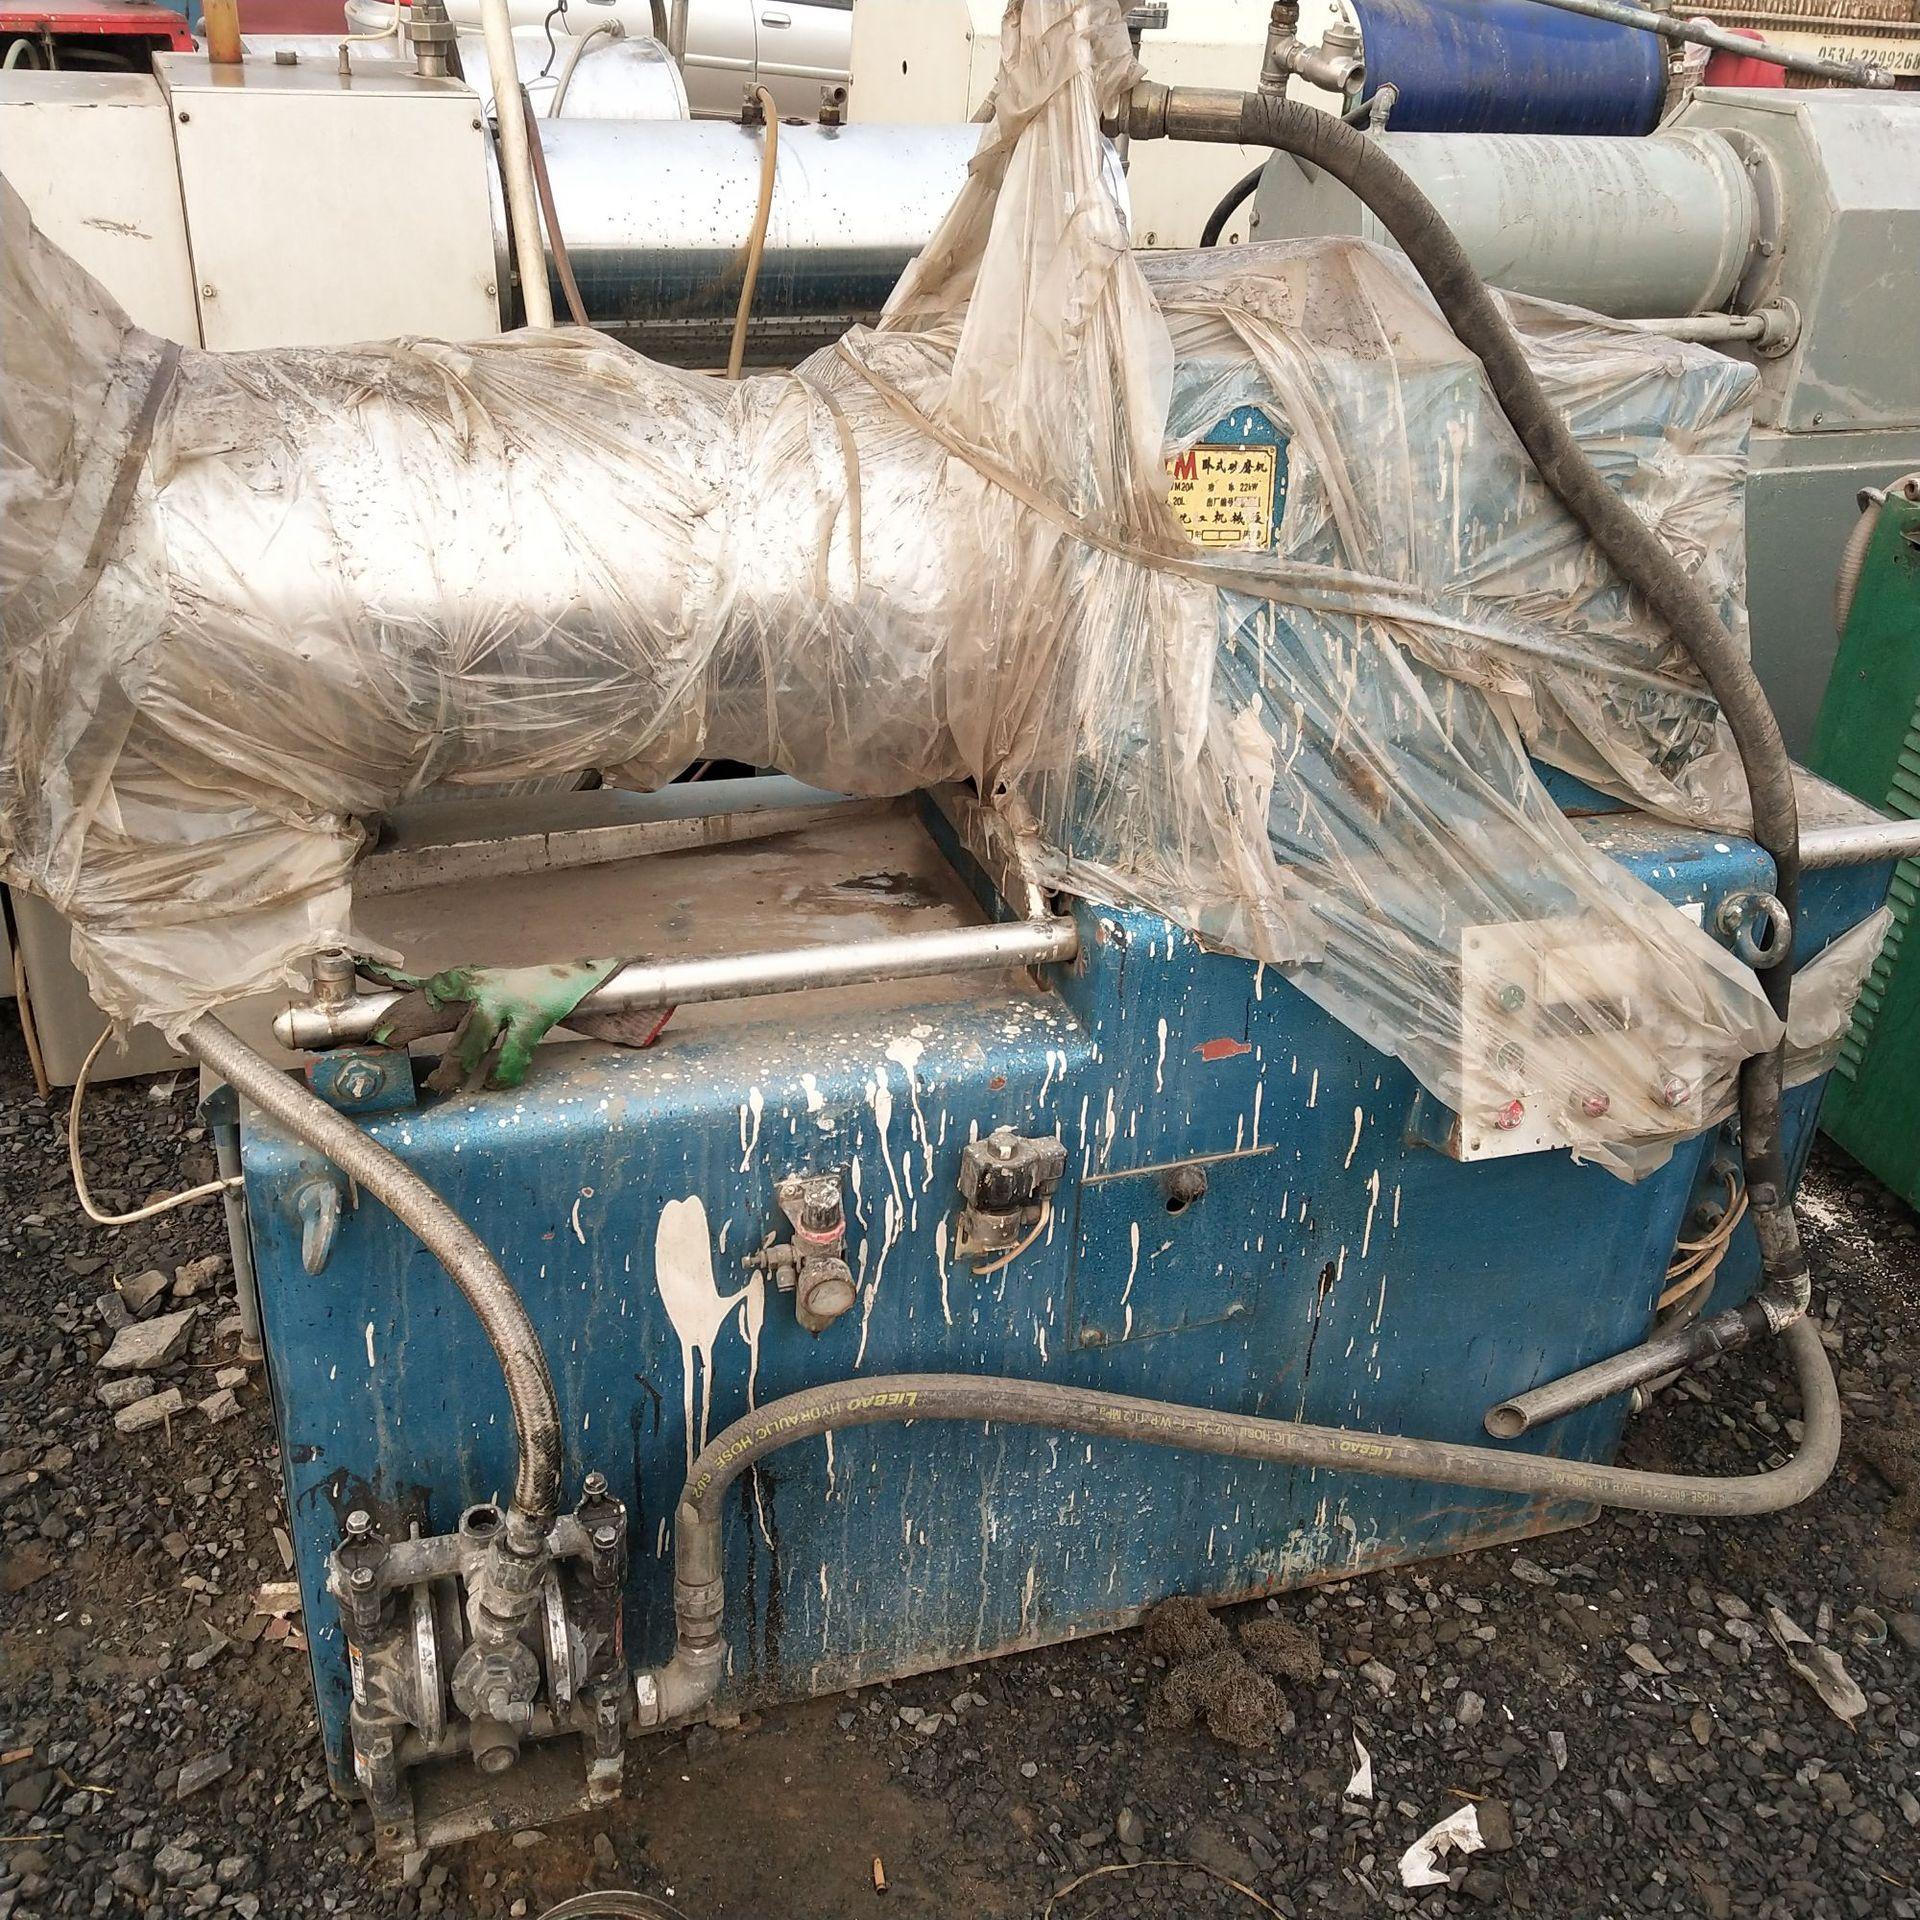 出售二手砂磨机 二手分散机 二手三滚研磨机 二手卧式砂磨机示例图4